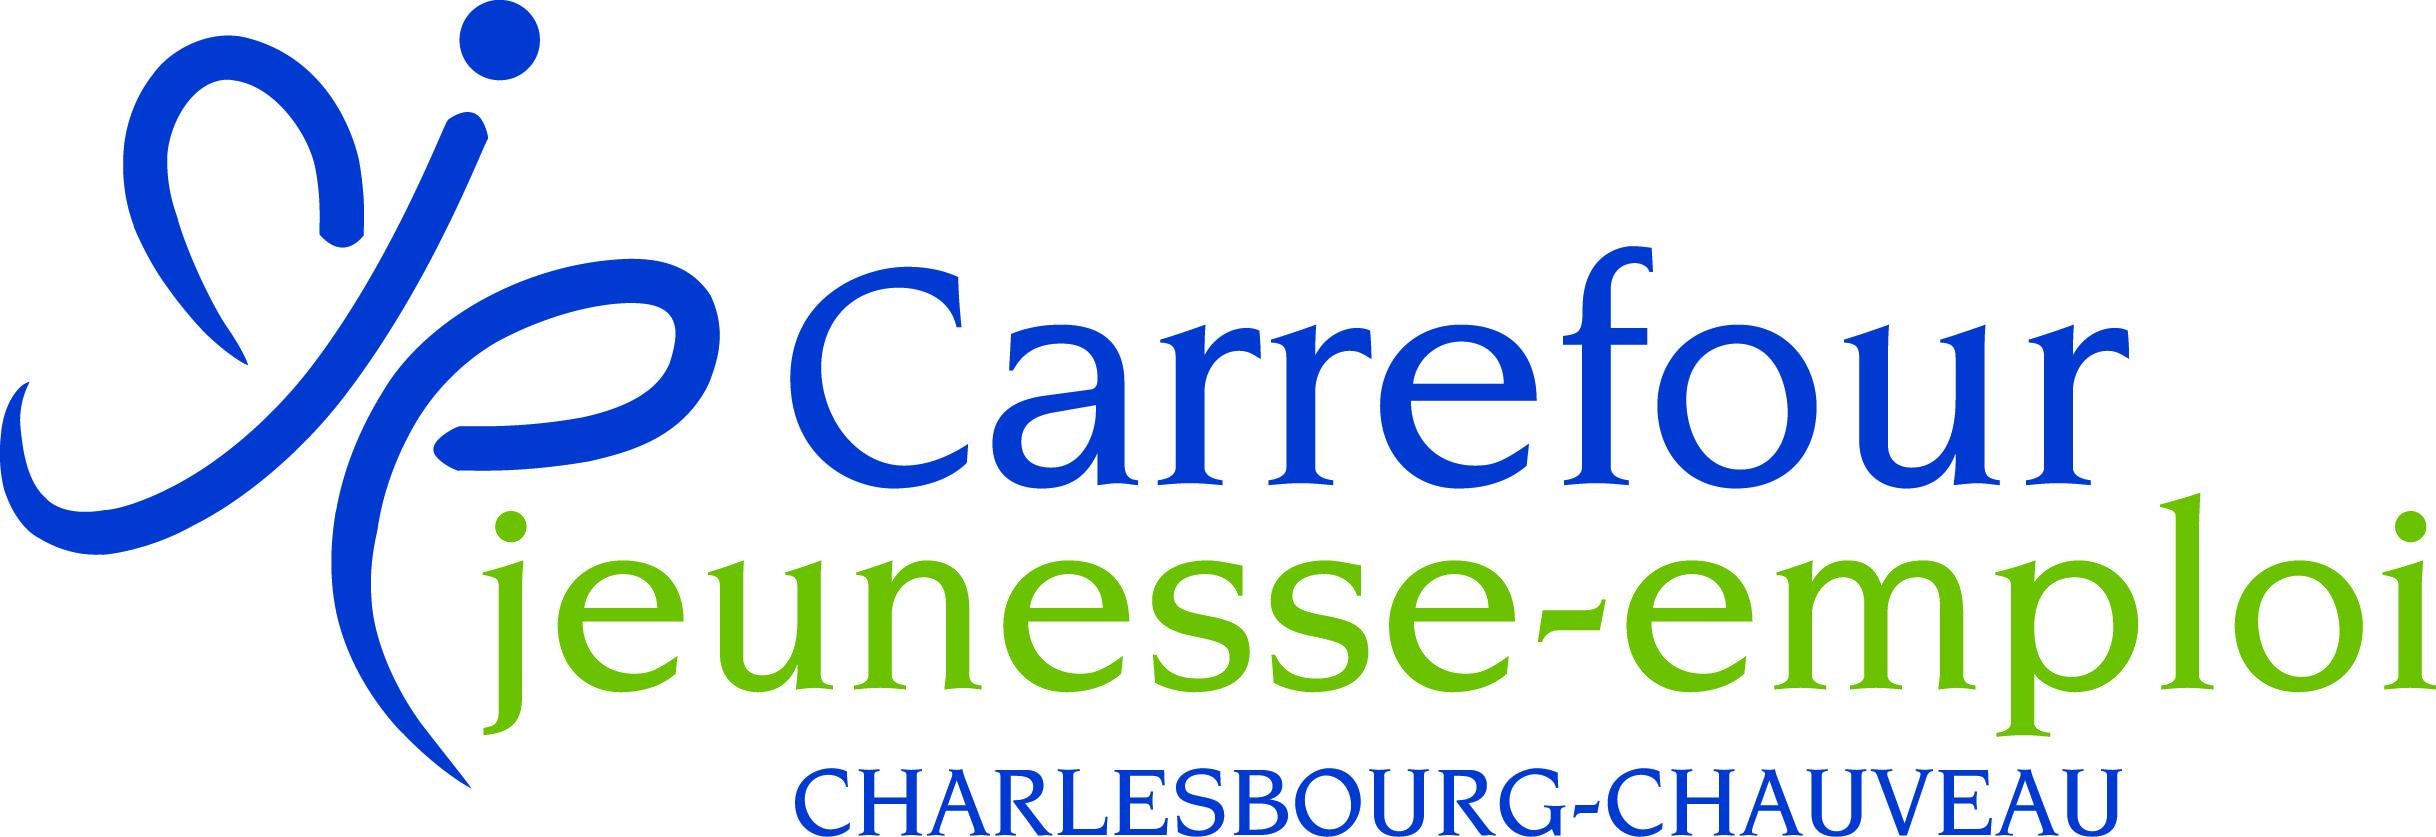 logo-cje-charlesbourg-chauveau